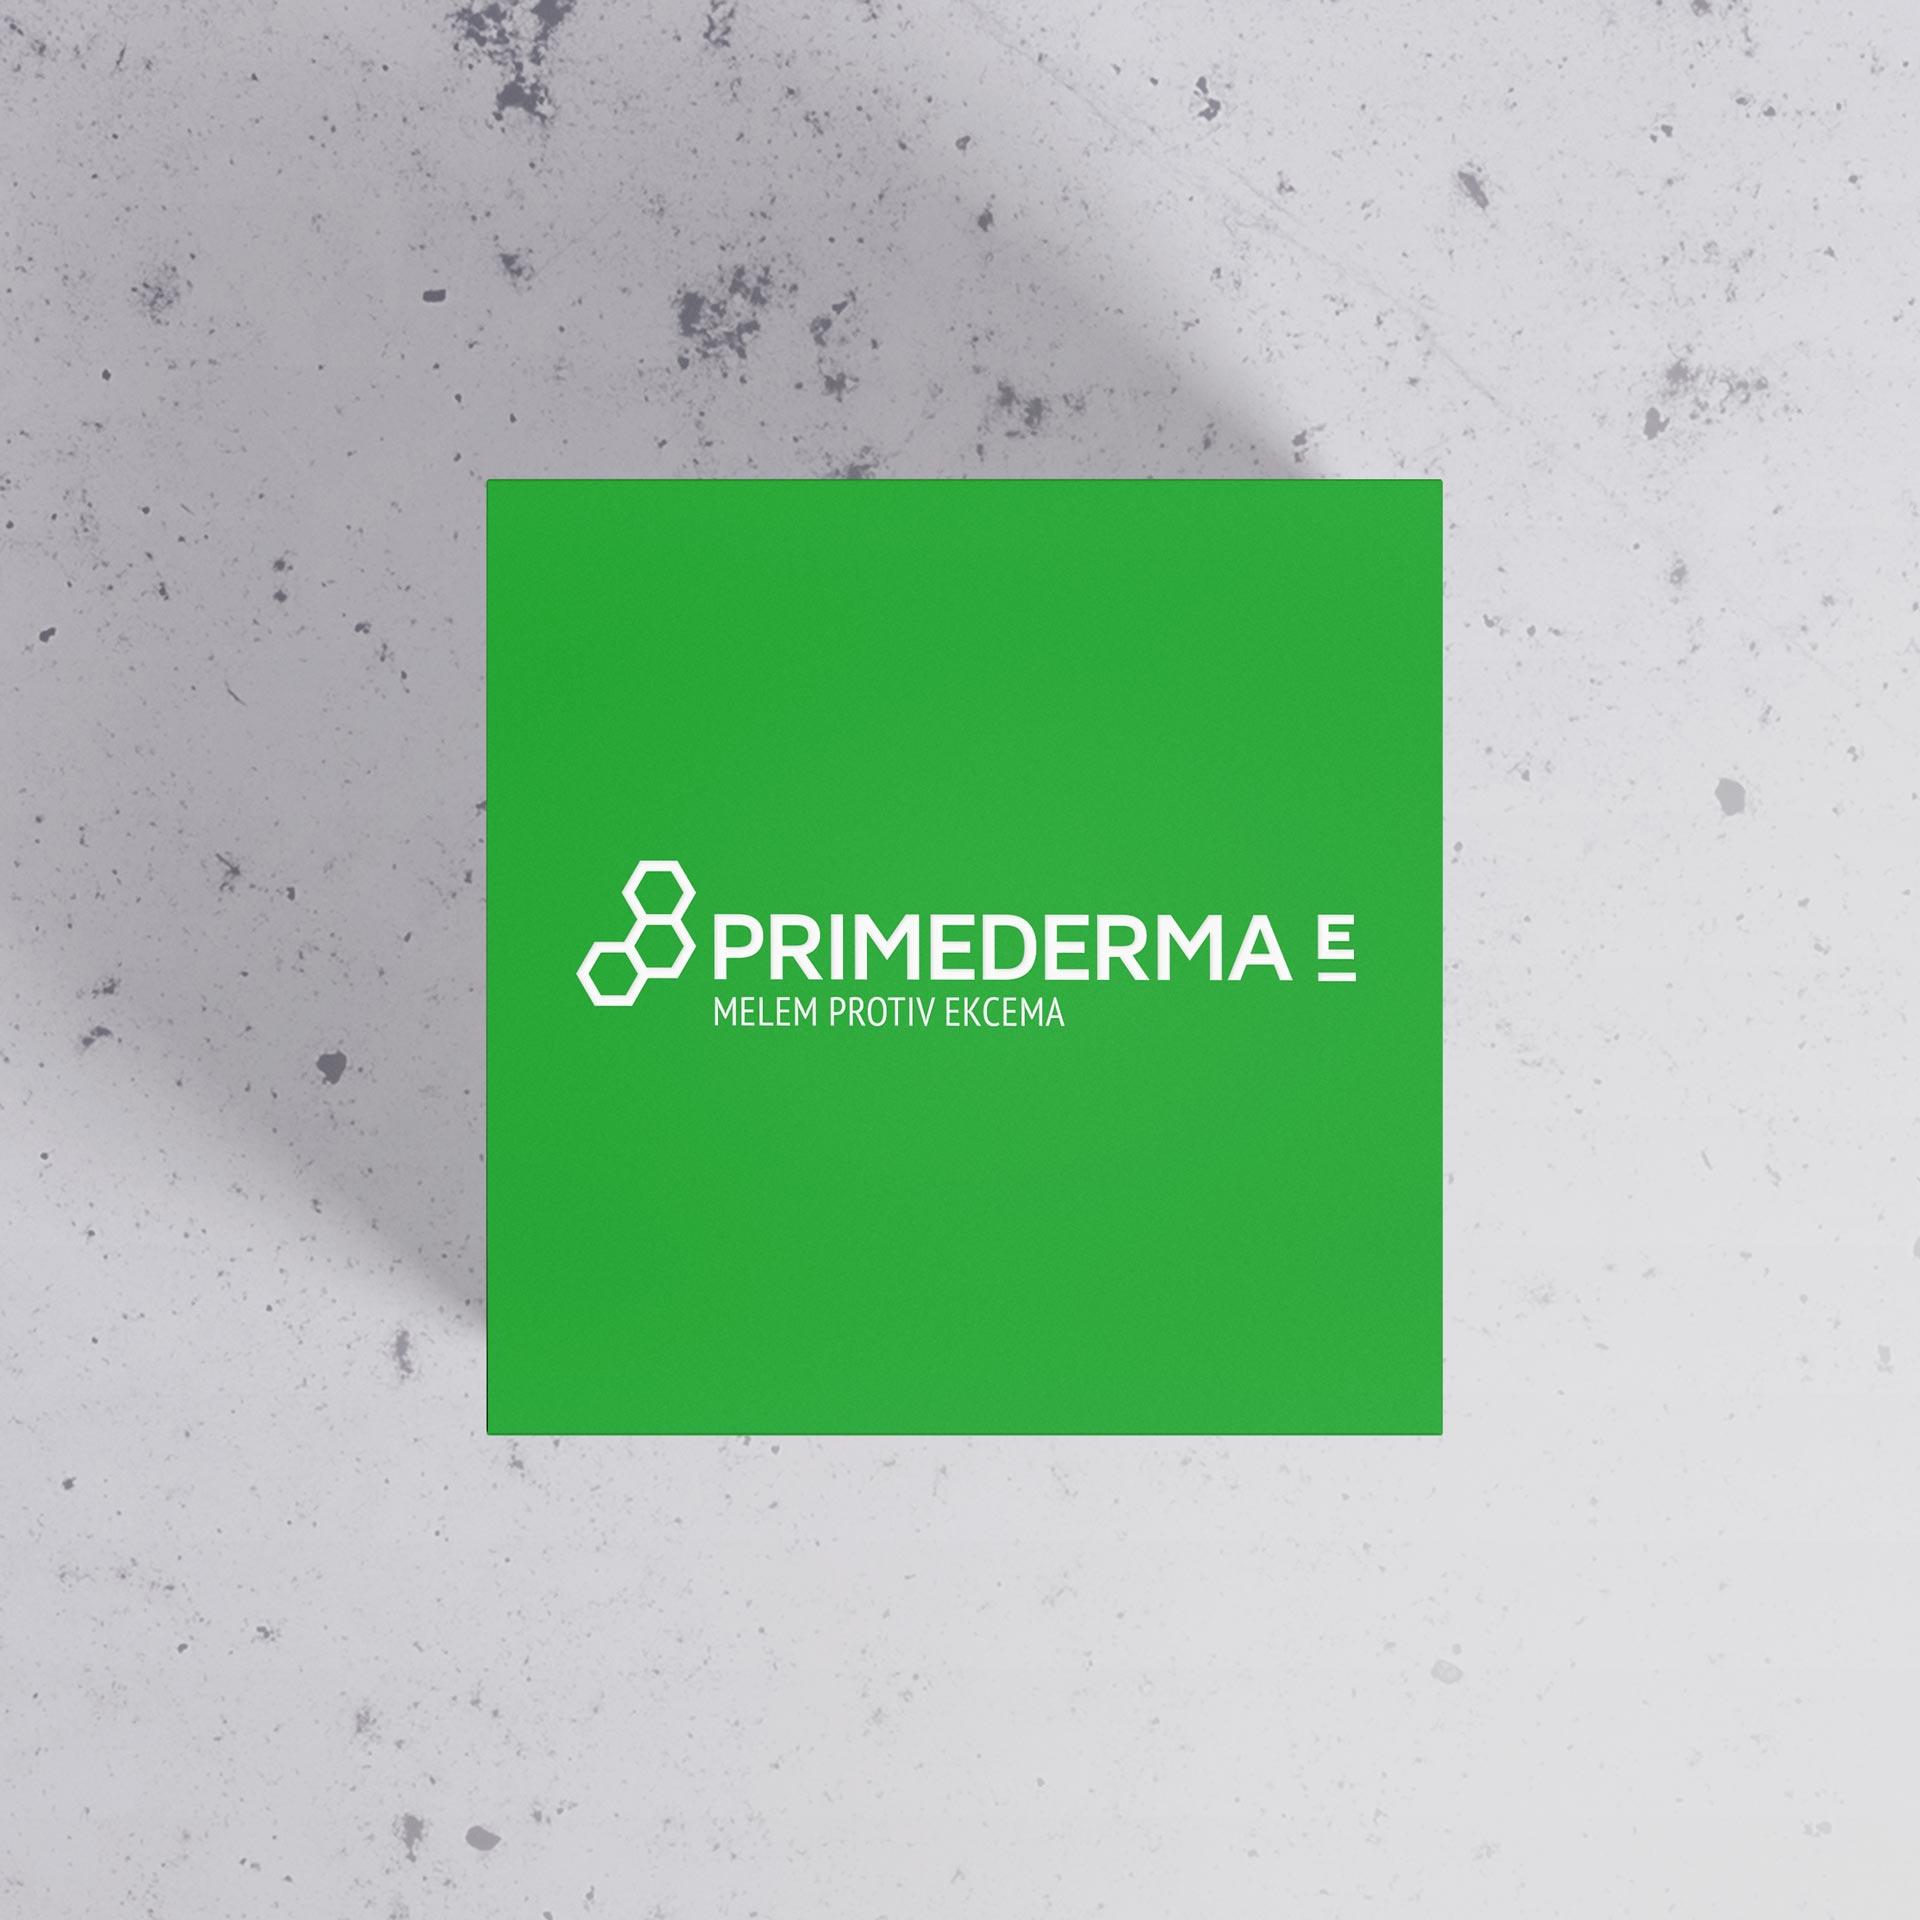 Dizajn i izrada pakovanja za kozmetiku Primederma